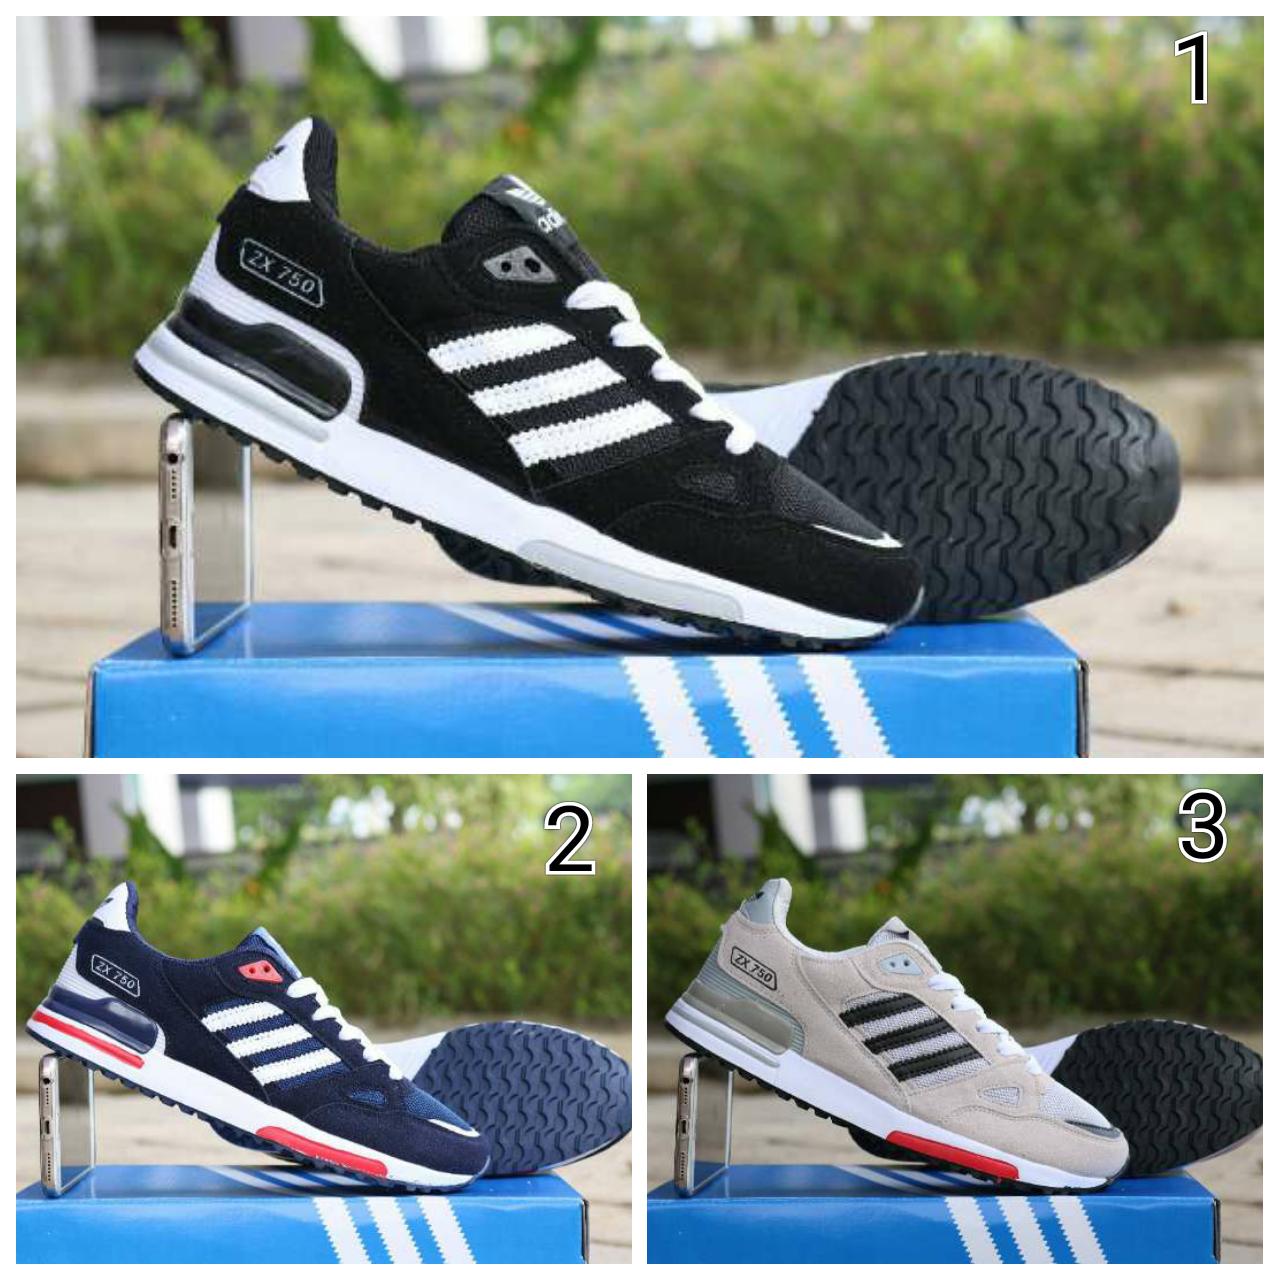 Sepatu Pria, Adidas ZX 750 Import Murah Promo